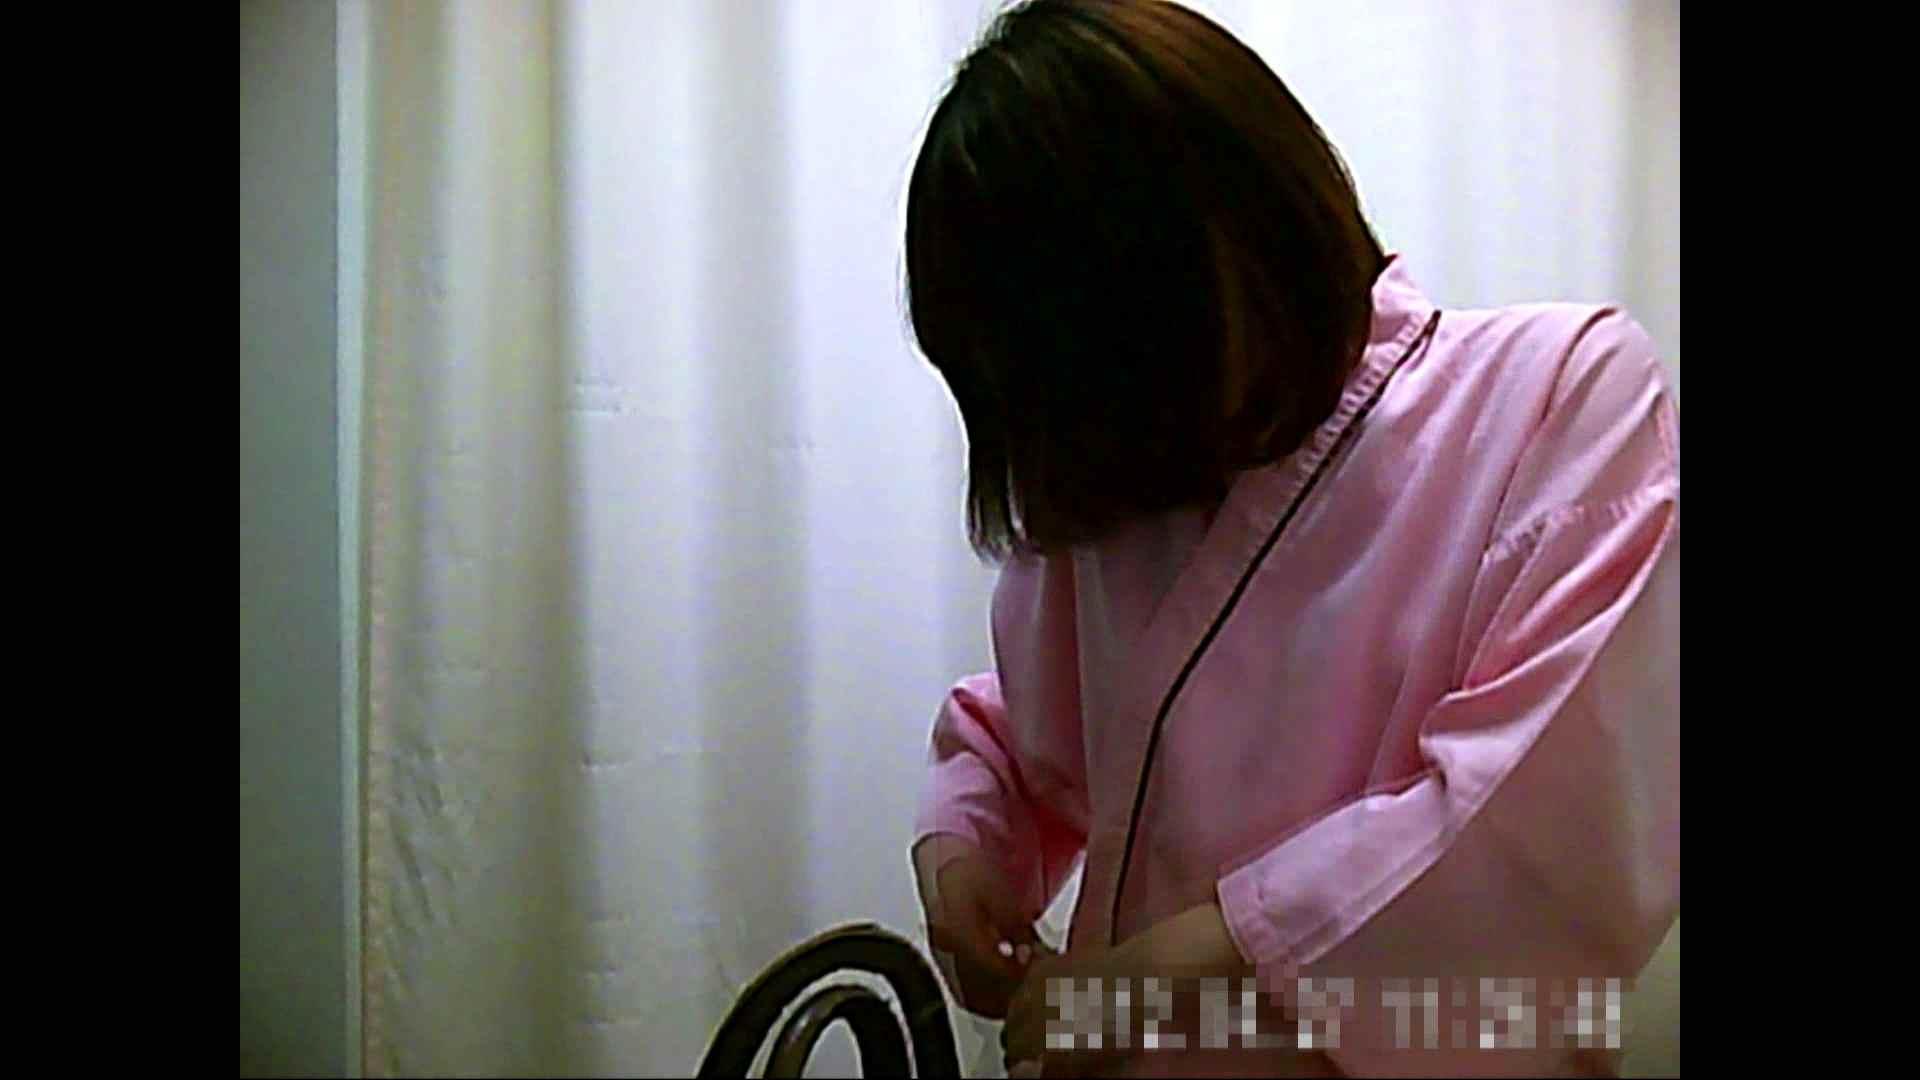 元医者による反抗 更衣室地獄絵巻 vol.004 OL | 0  84連発 3